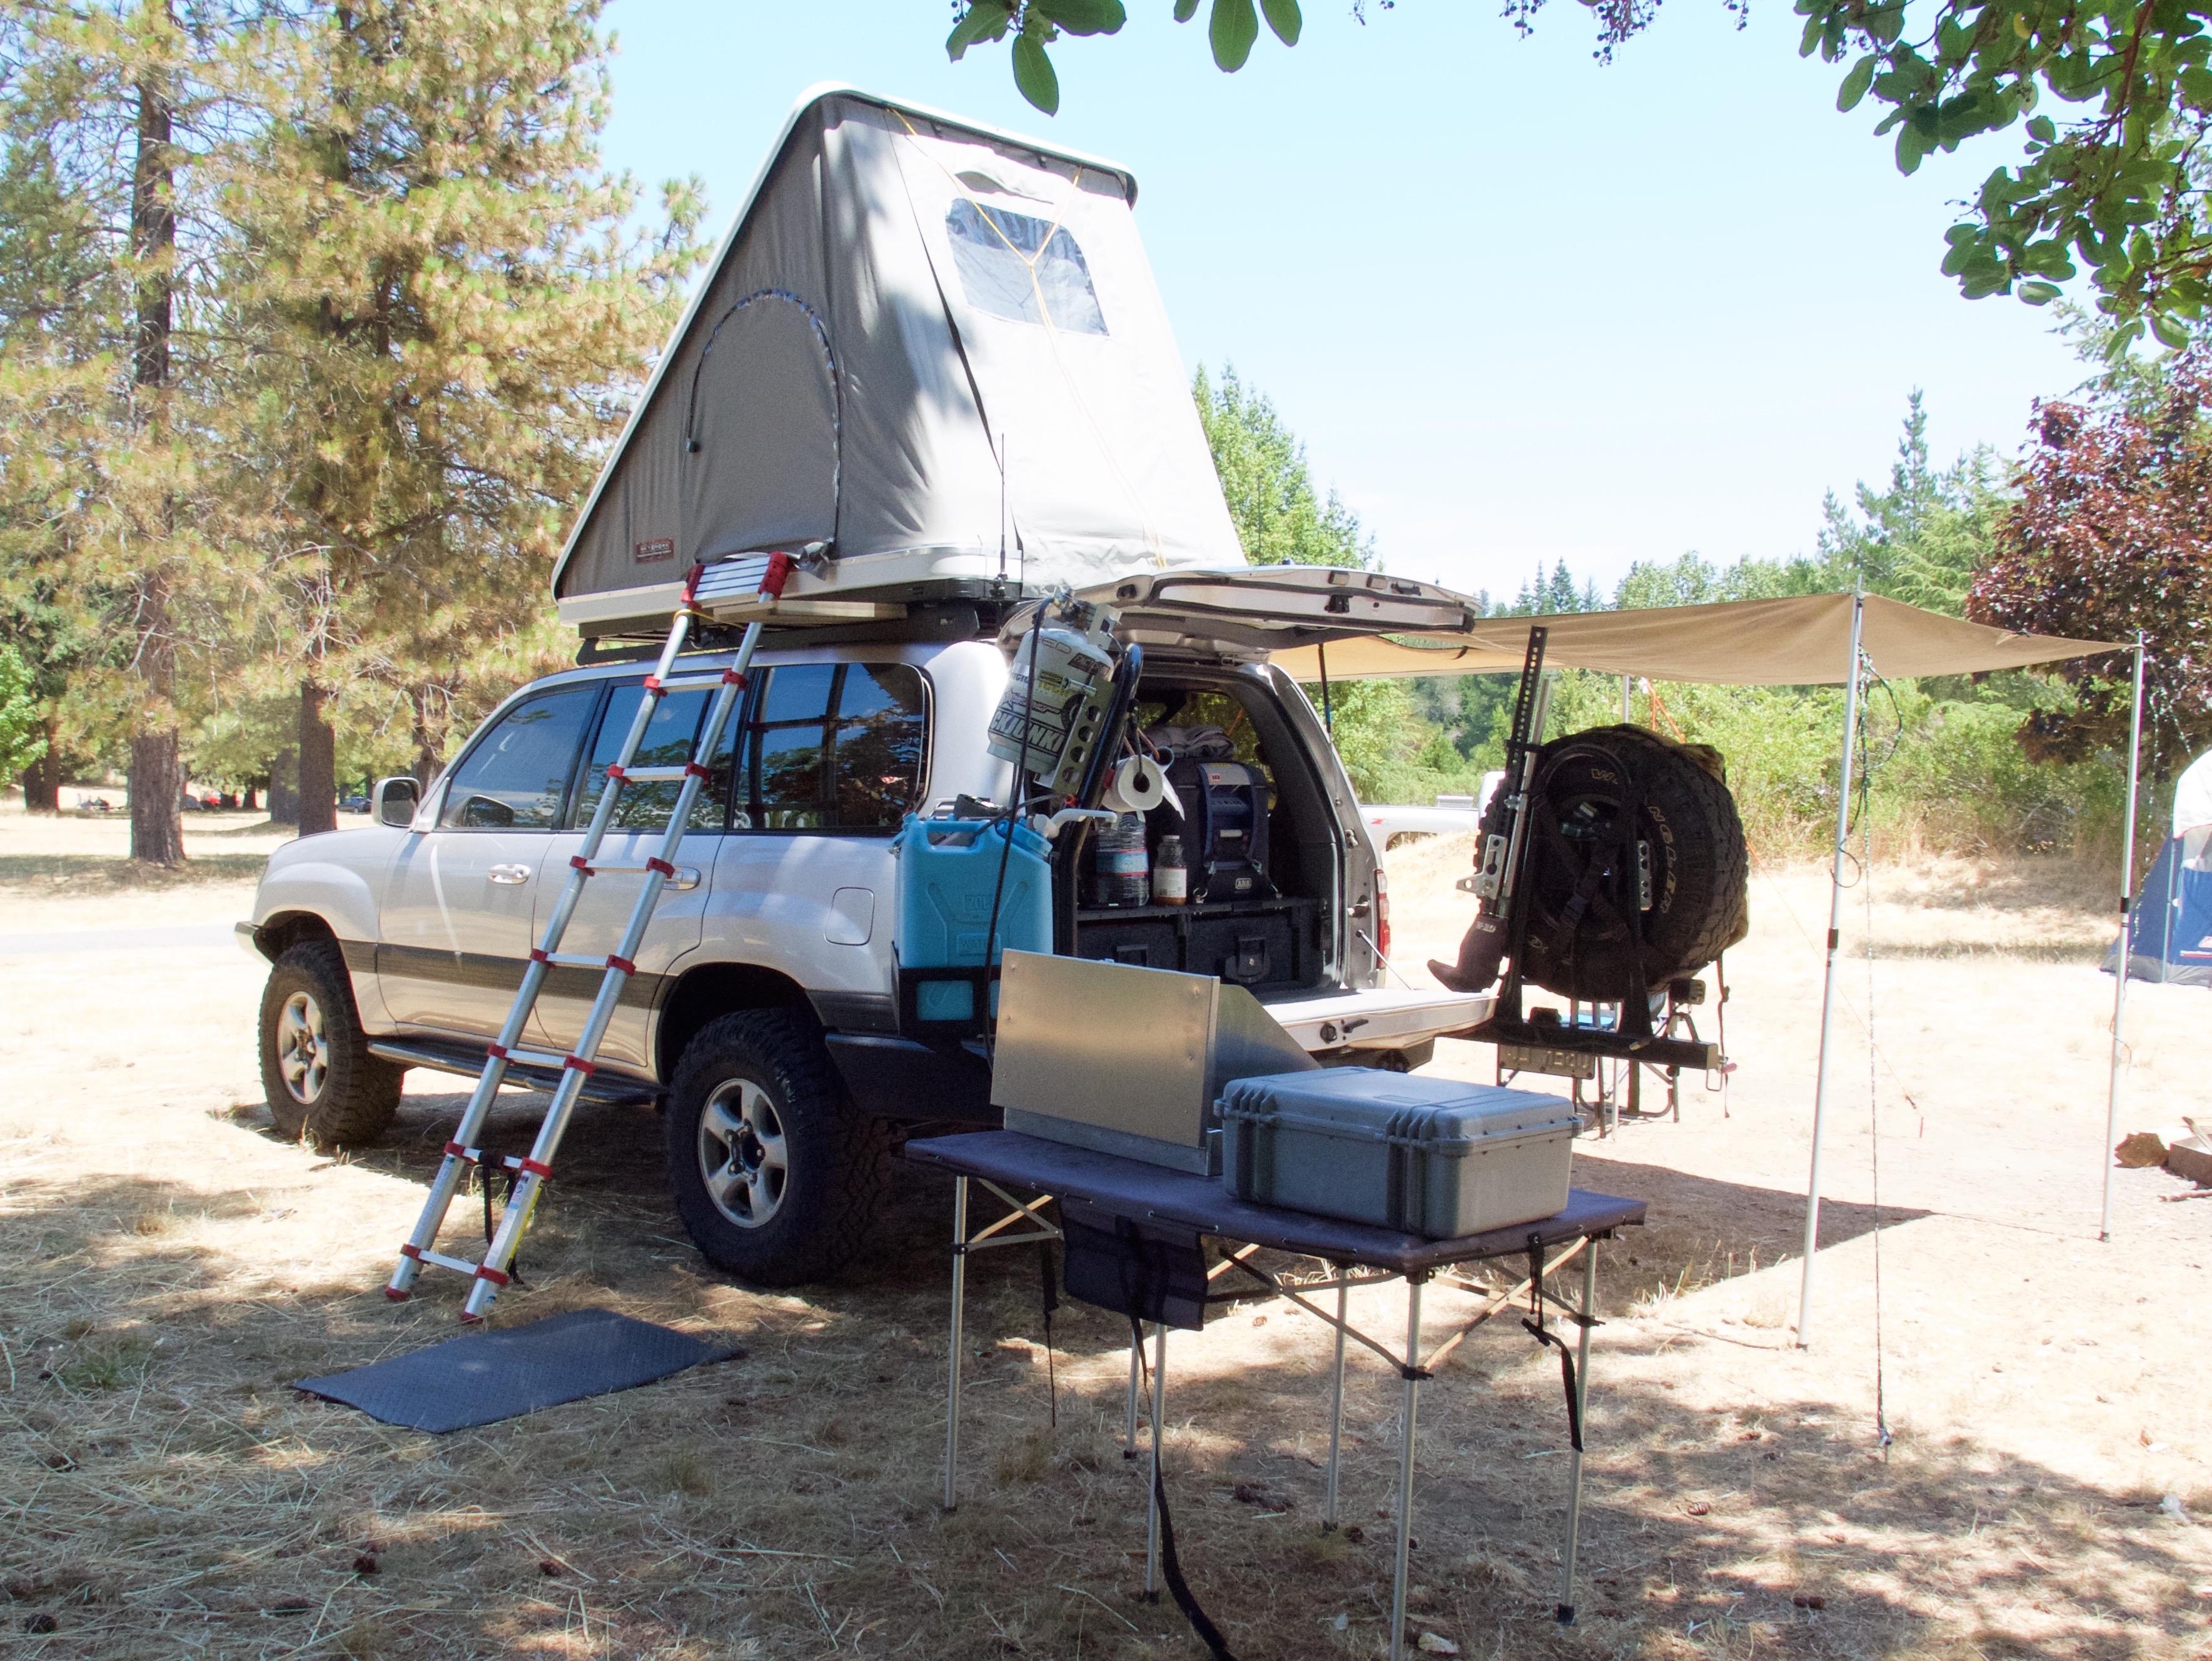 Gear Organization Series – Camp Kitchen in a Box - TLC FAQ